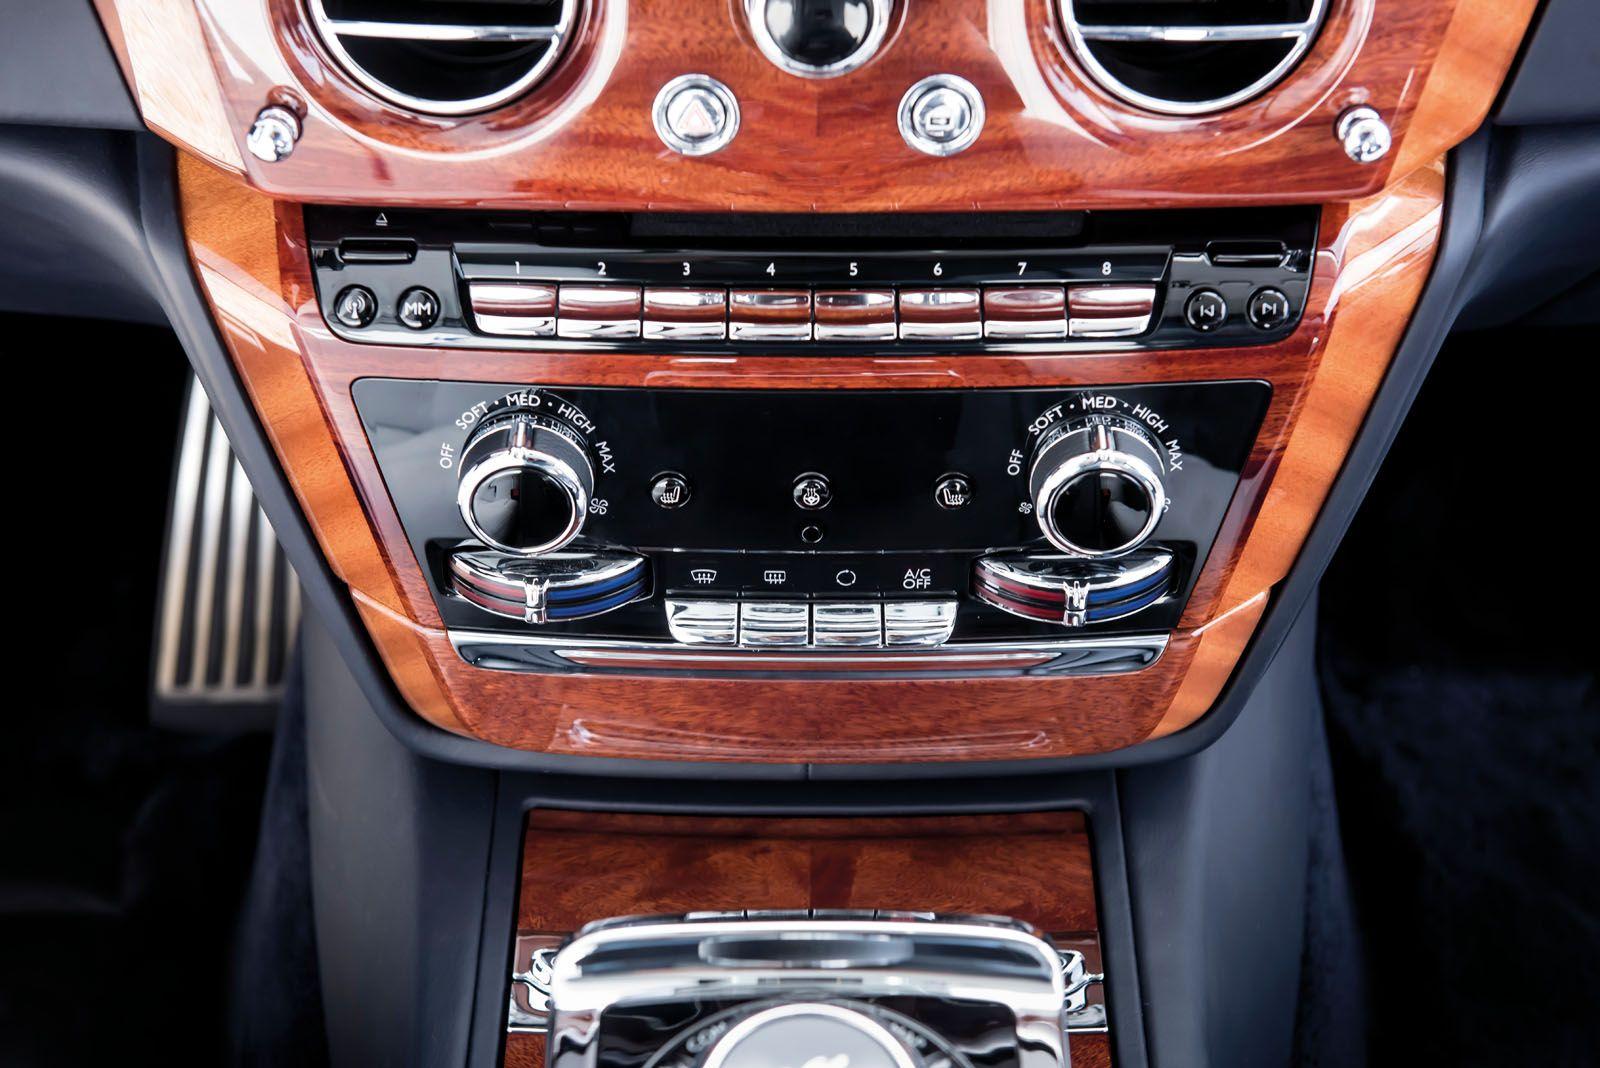 Impiallacciature di legno splendidamente abbinate a specchio accoppiate con il metallo finemente tornito forniscono una copertura dall'aspetto tradizionale per i dispositivi high-tech sotto